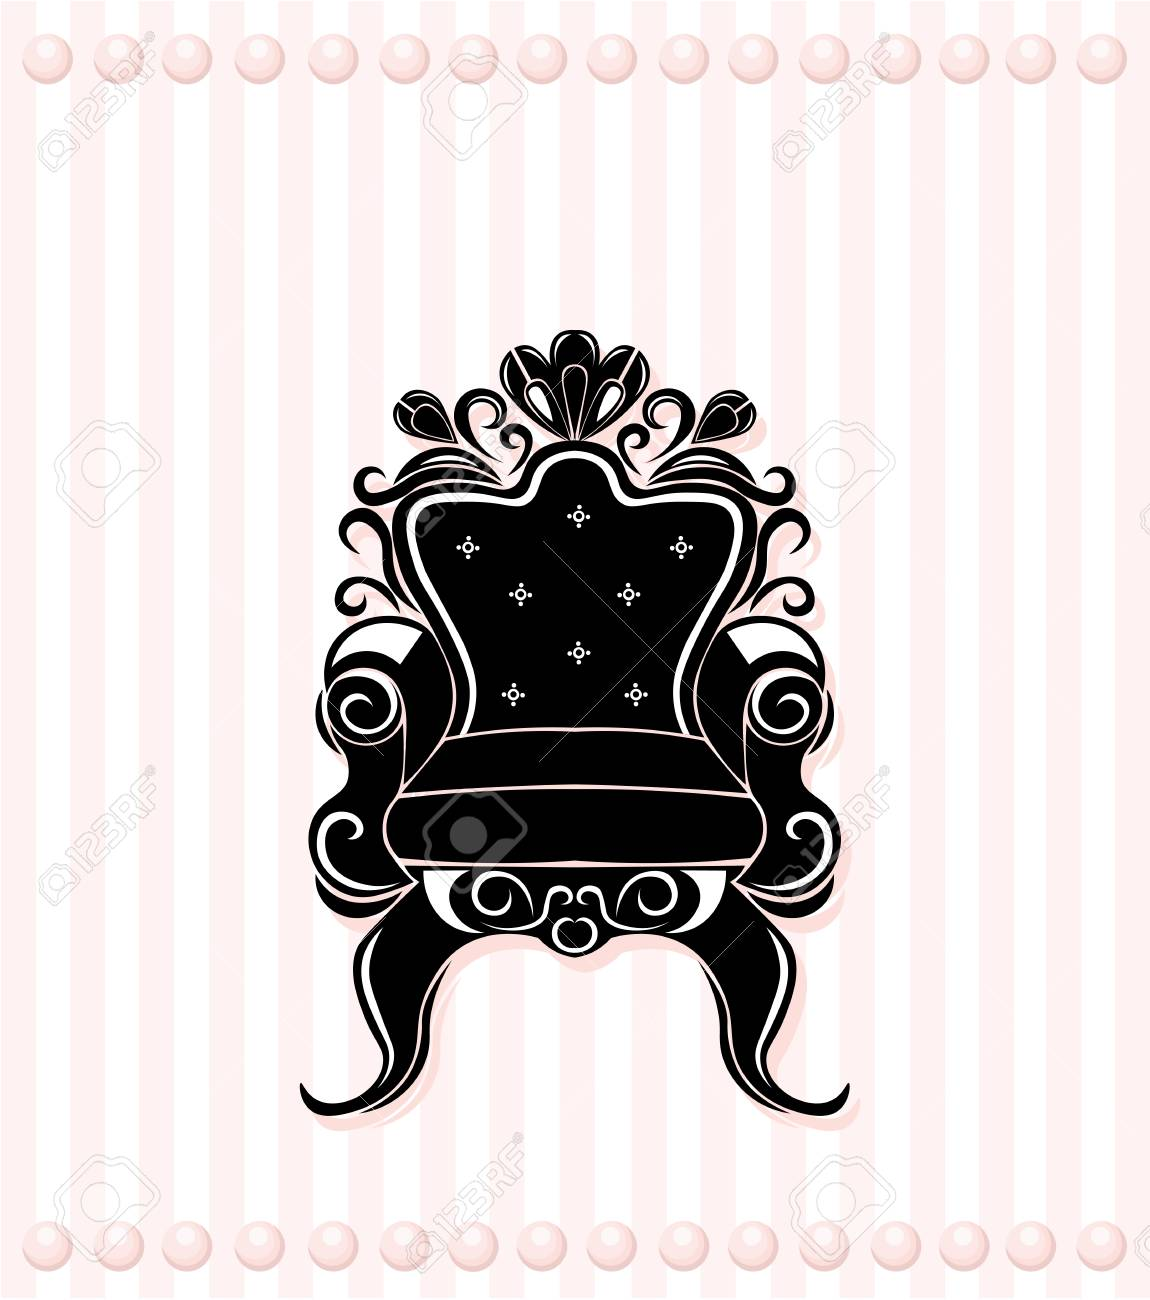 Schwarze Silhouette Des Weinleselehnstuhls. Französisch Luxus Reich  Geschnitzten Verzierungen Dekoriert Möbel. Vektor Victorian Royal